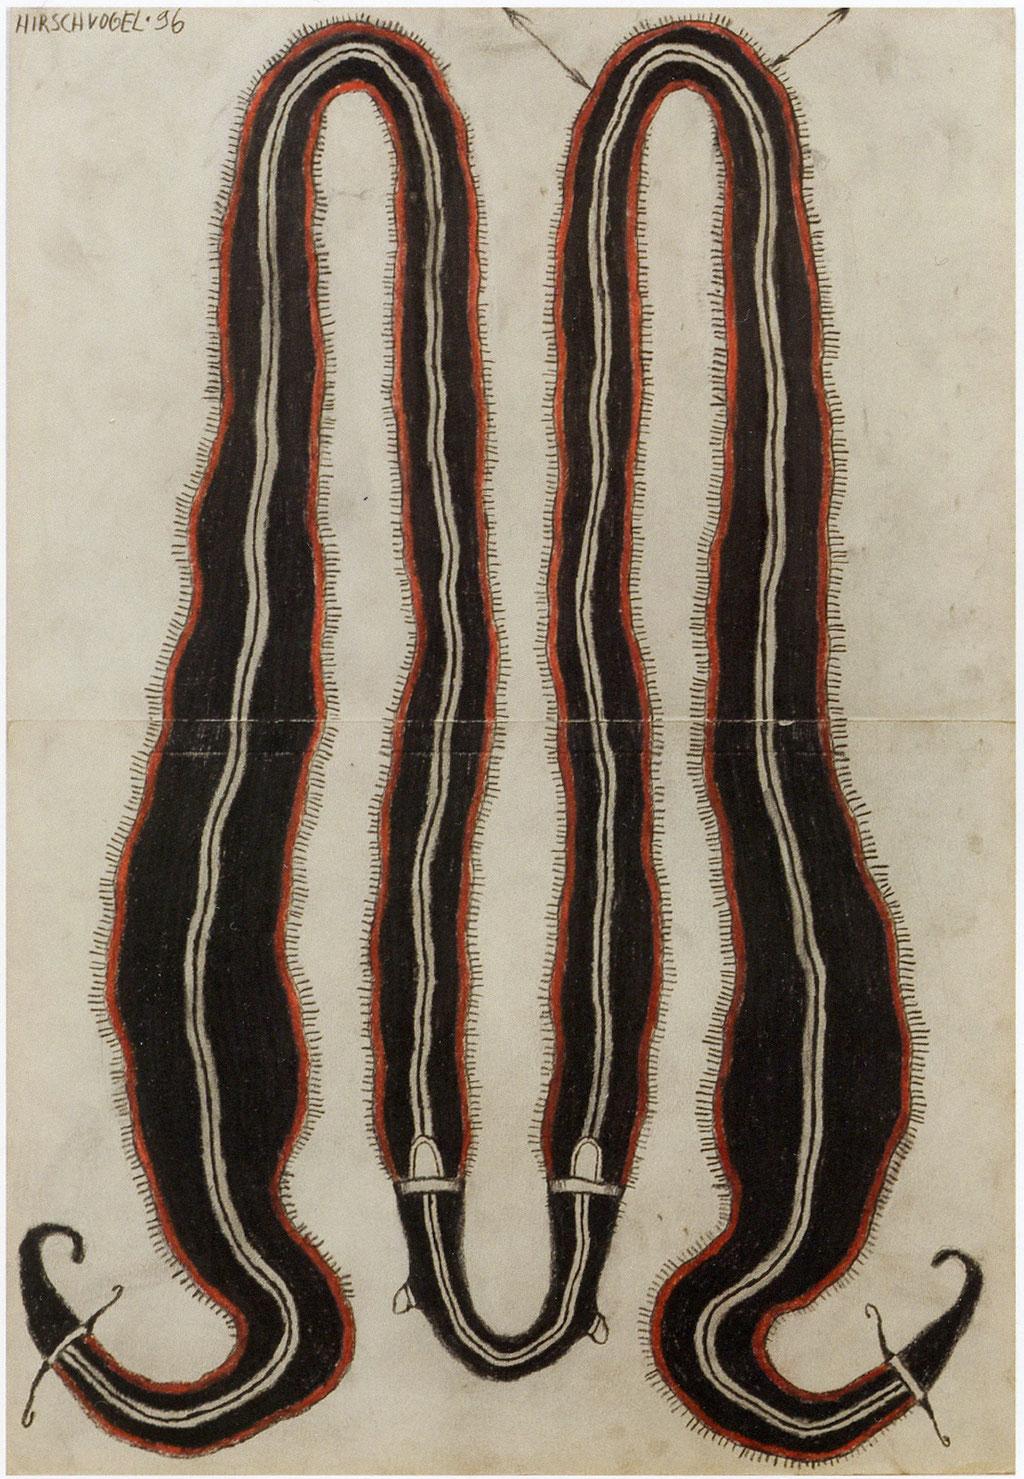 <b>o.T., 1996, </b><br>Zeichnung, Bleistift und Buntstift auf Papier, <br>72 x 38 cm